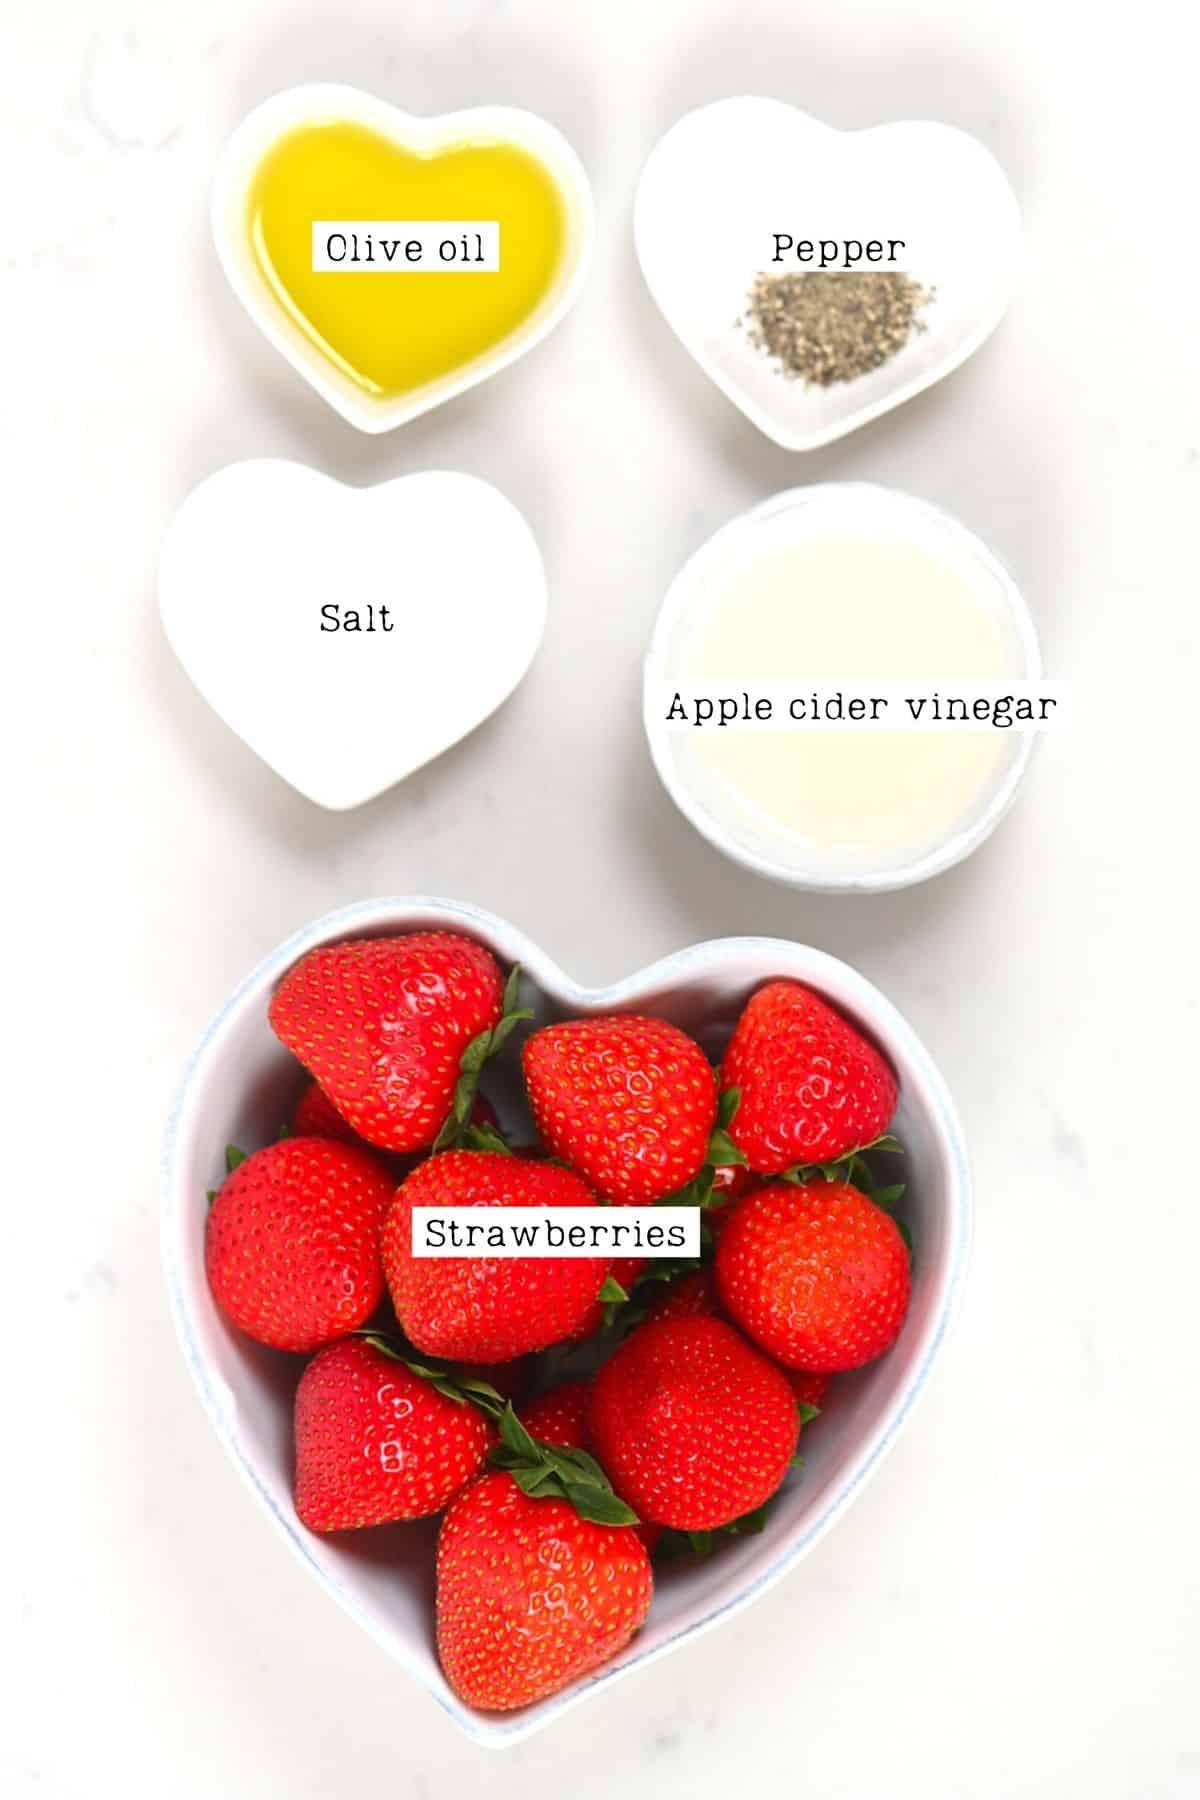 Strawberries Salad Dressing Ingredients